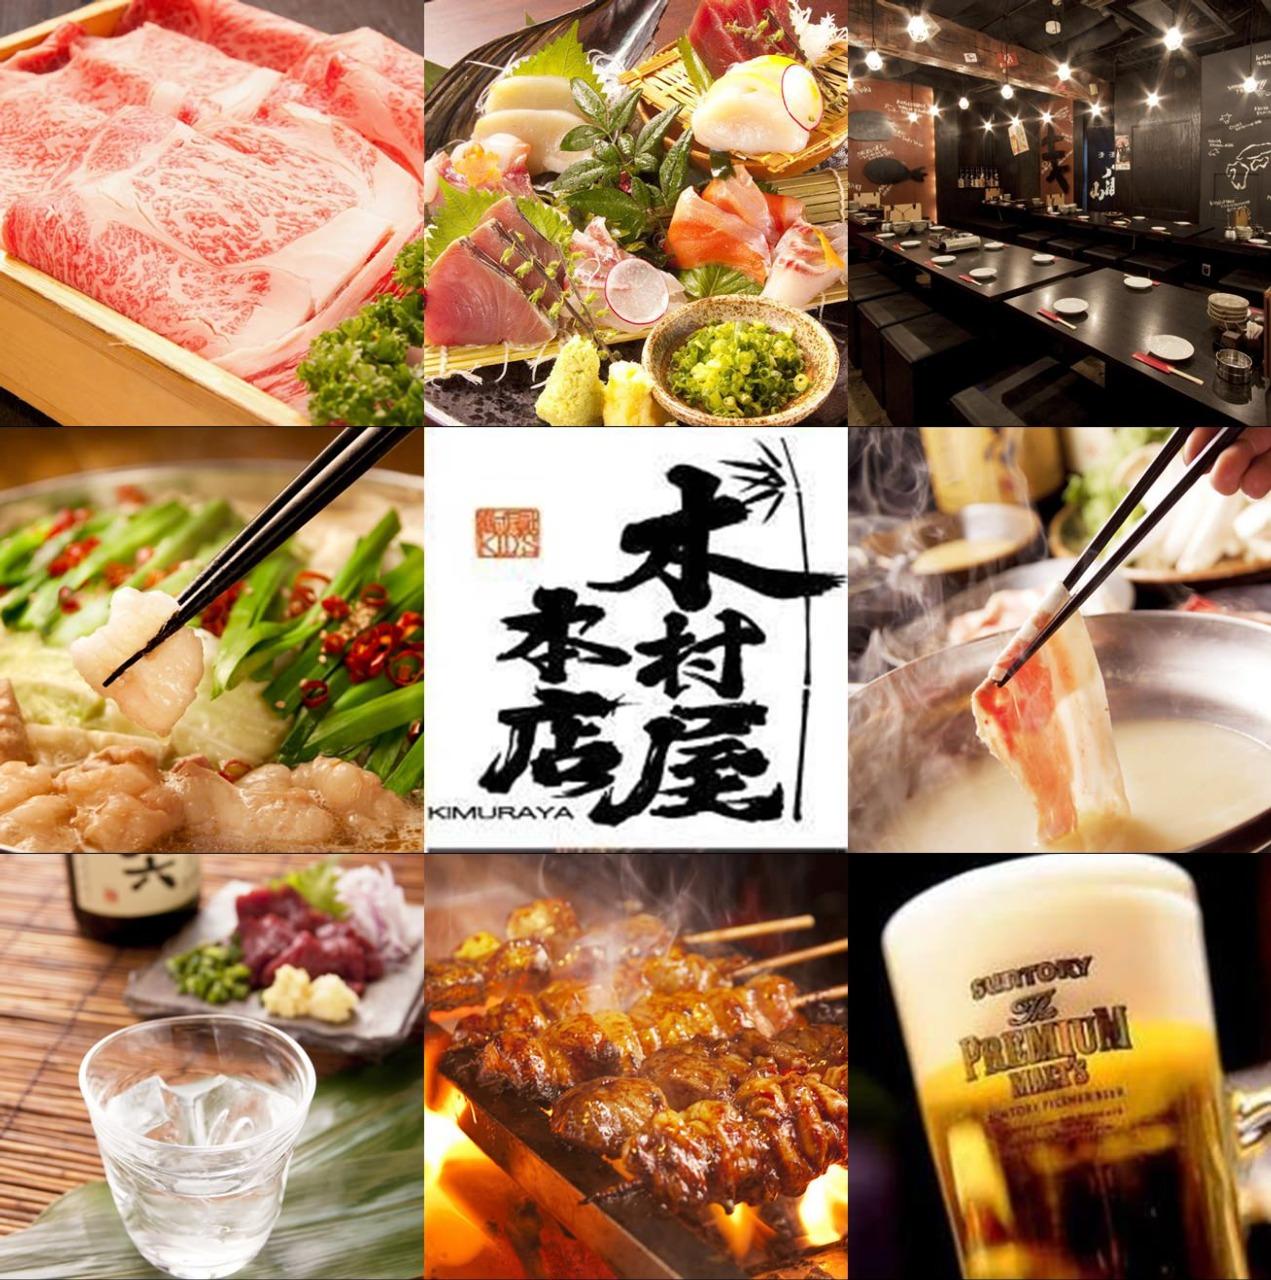 木村屋本店 田町芝浦口のイメージ写真